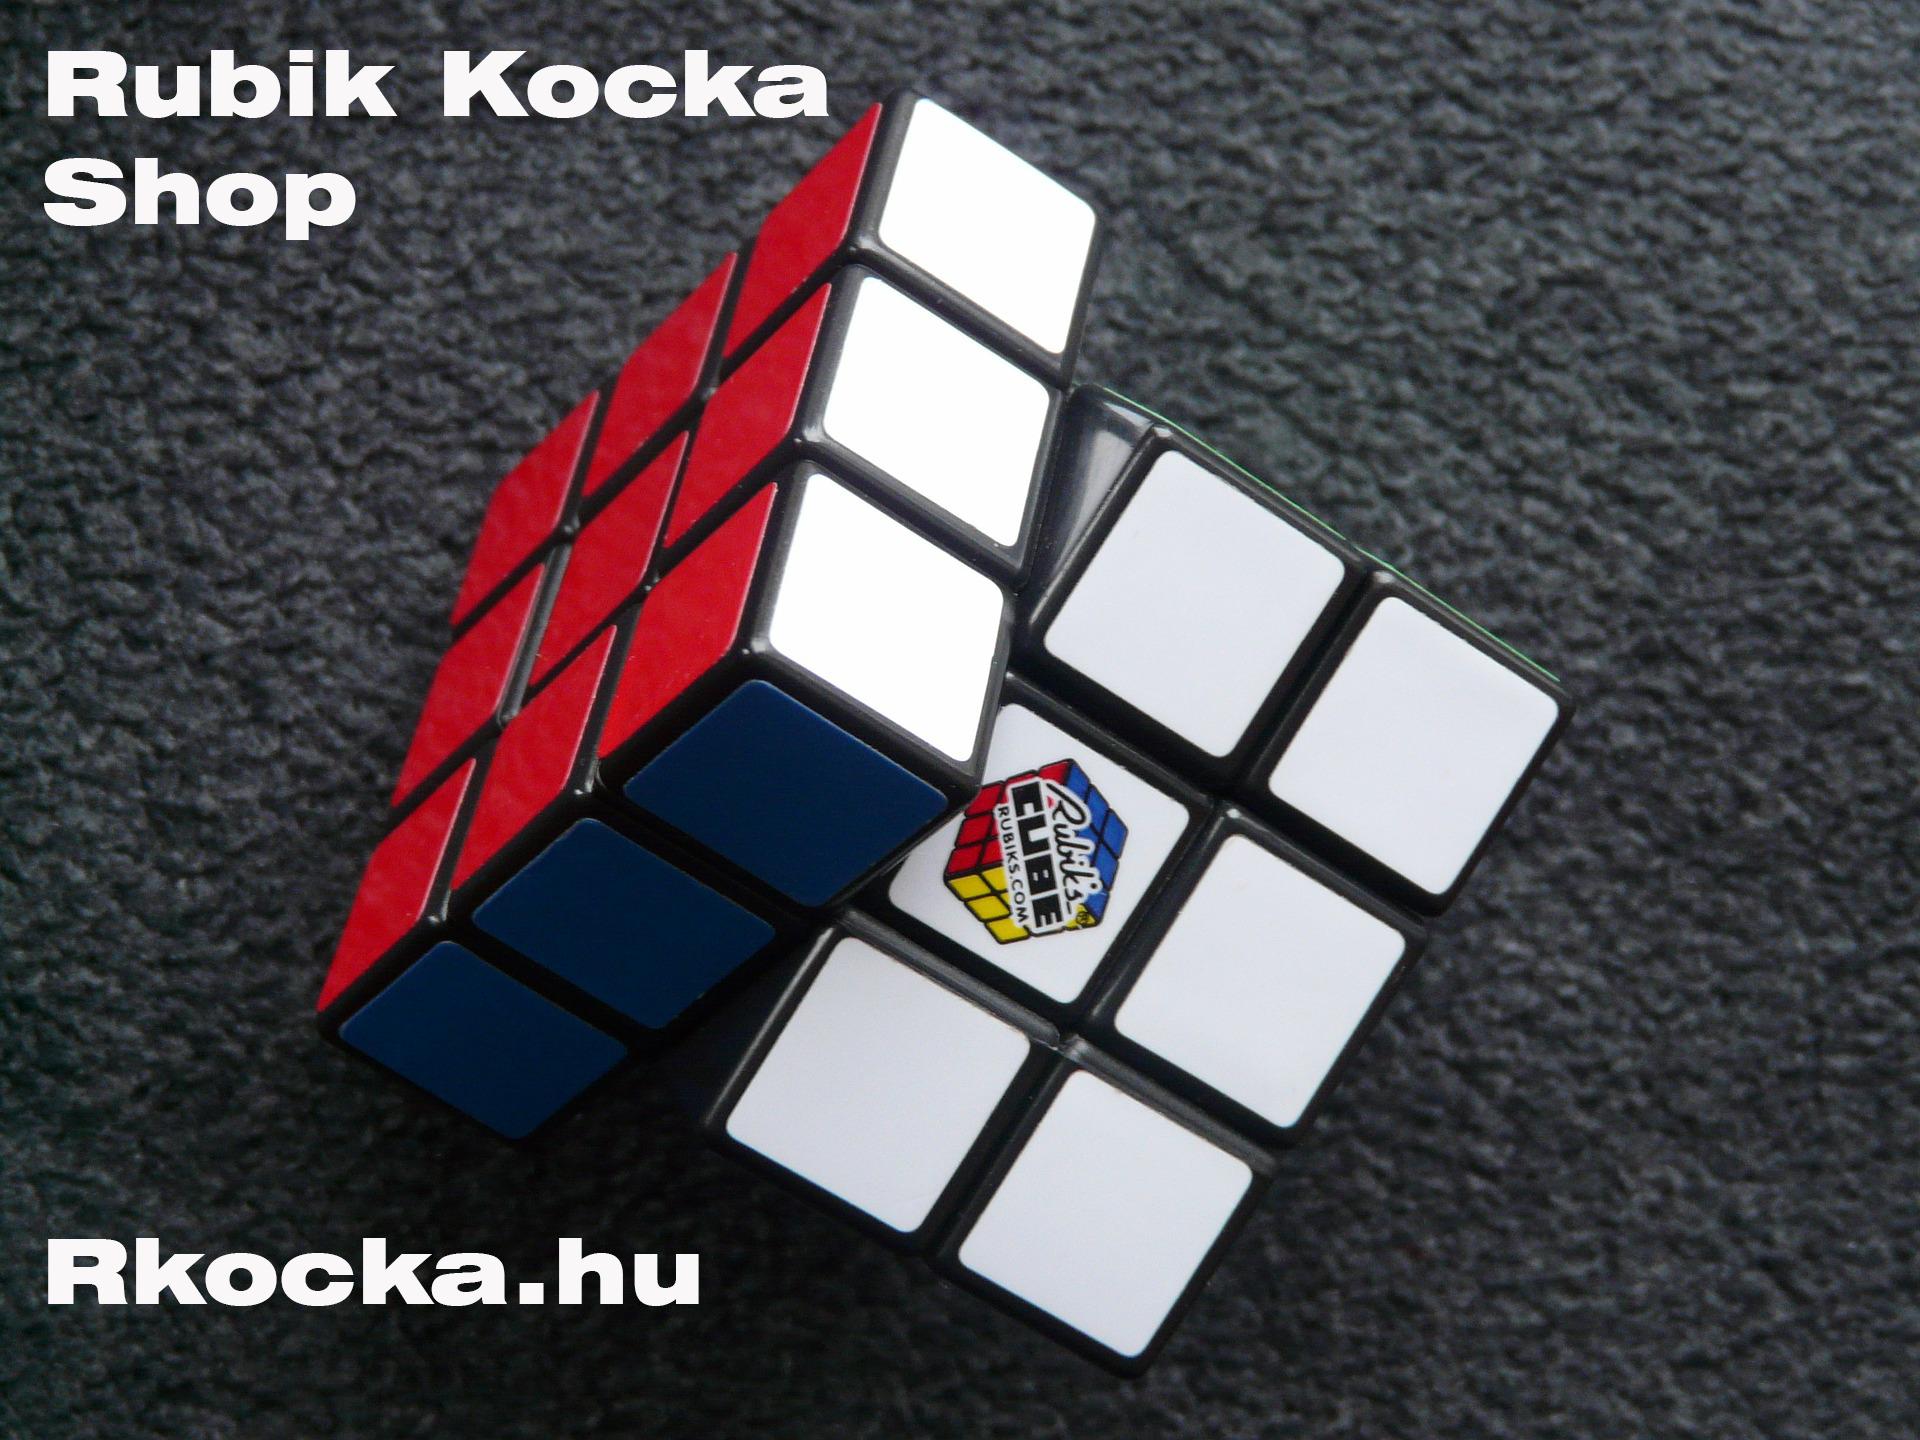 Rubik Kocka Shop